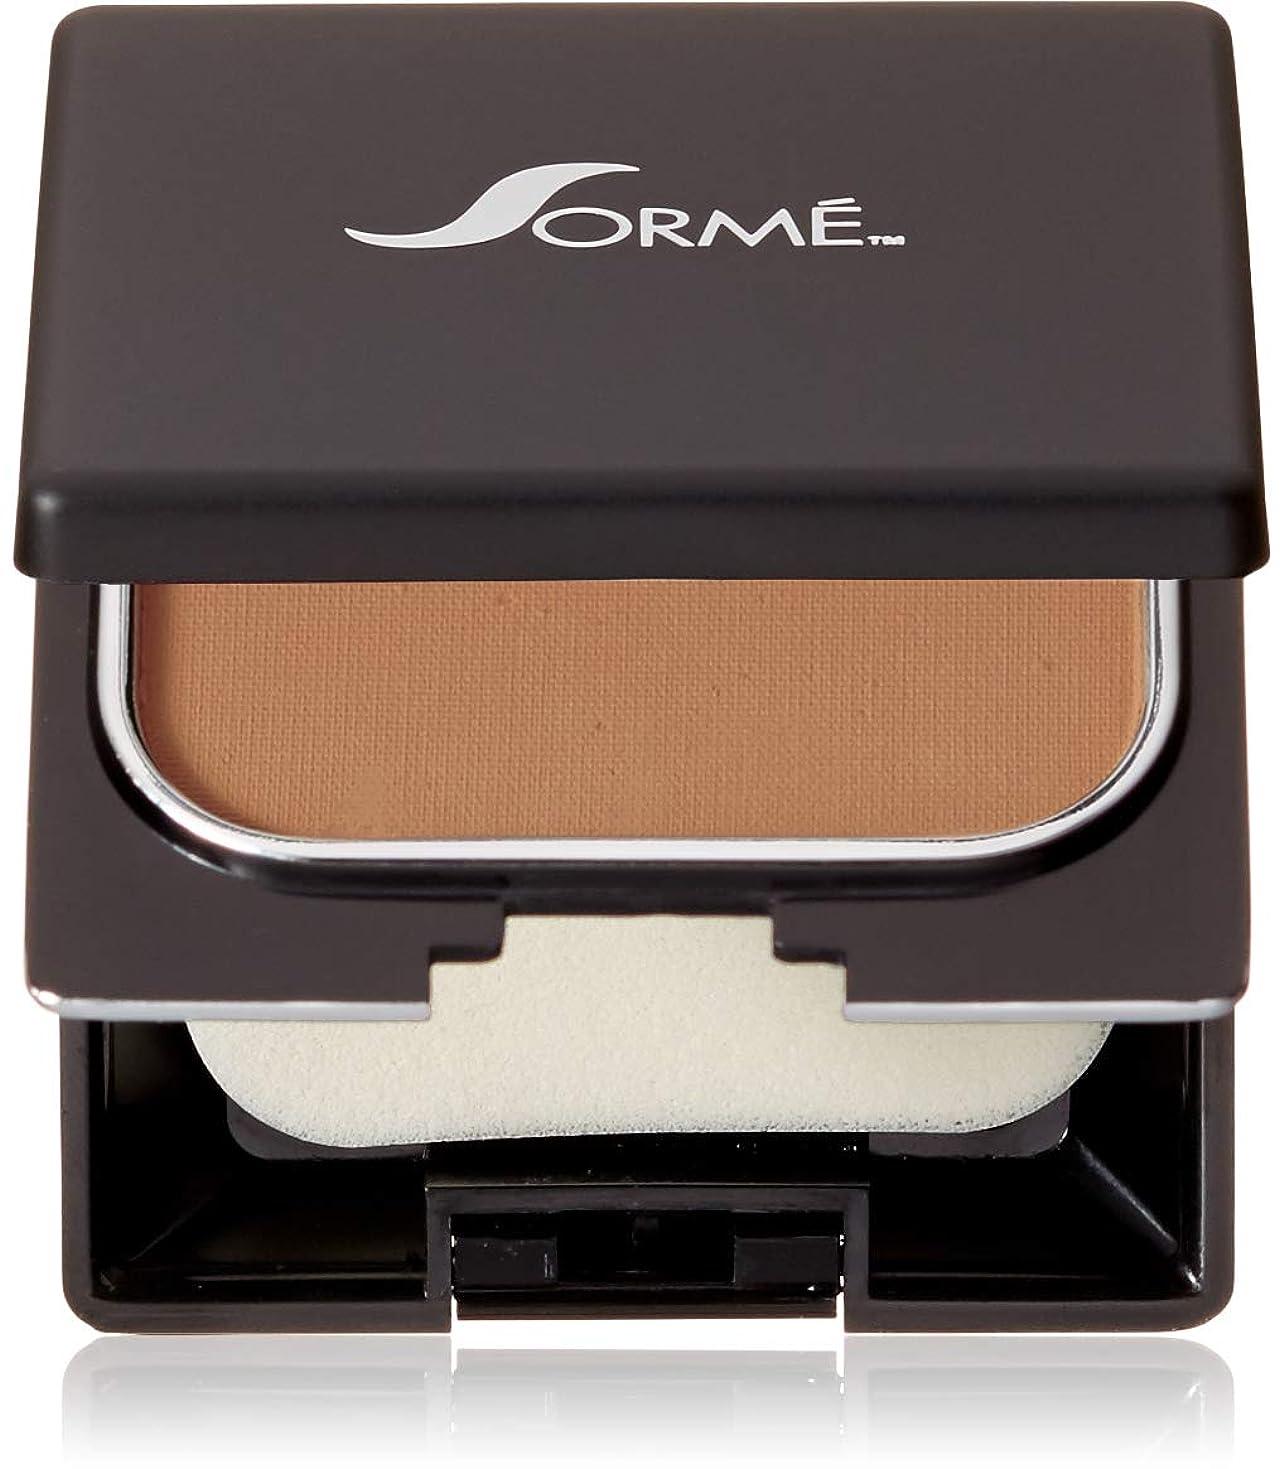 膨張する僕の低いSorme Cosmetics Believable Finish Powder Foundation, Golden Tan, 0.23 Ounce by Sorme Cosmetics